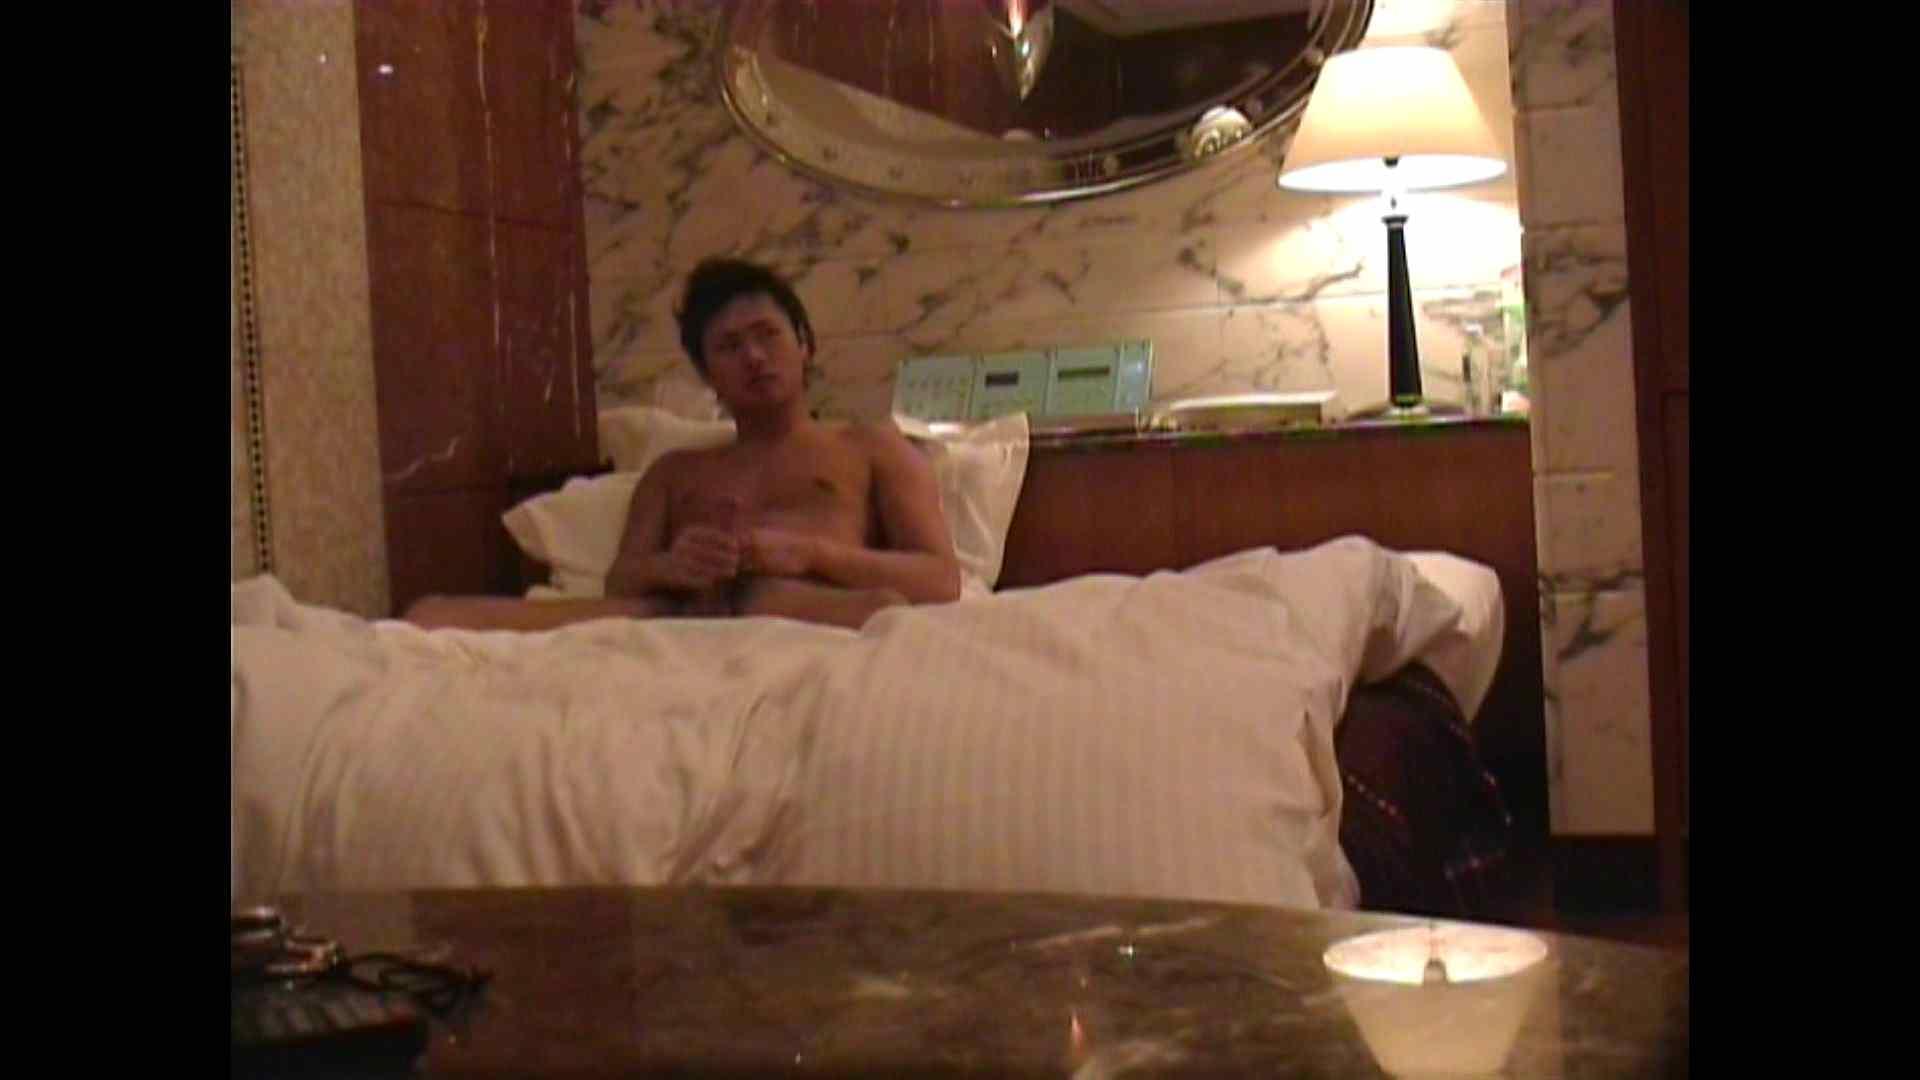 オナ好き五郎さん投稿!イケメン限定、オナニーでイク瞬間を撮影 その2 スジ筋系男子 ゲイアダルトビデオ画像 68枚 25